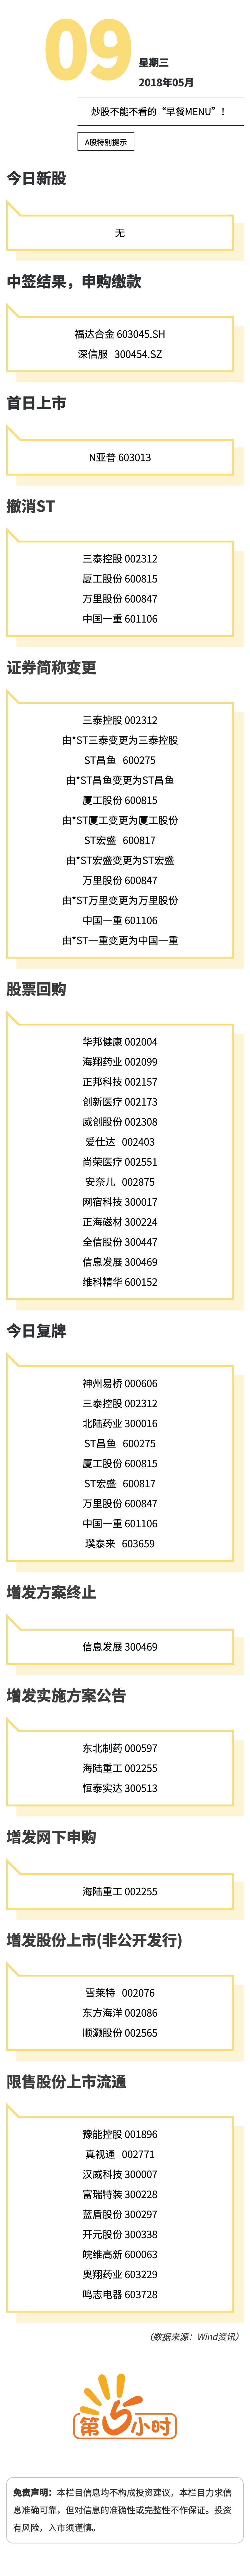 A股特别提示(2018-05-09).jpg